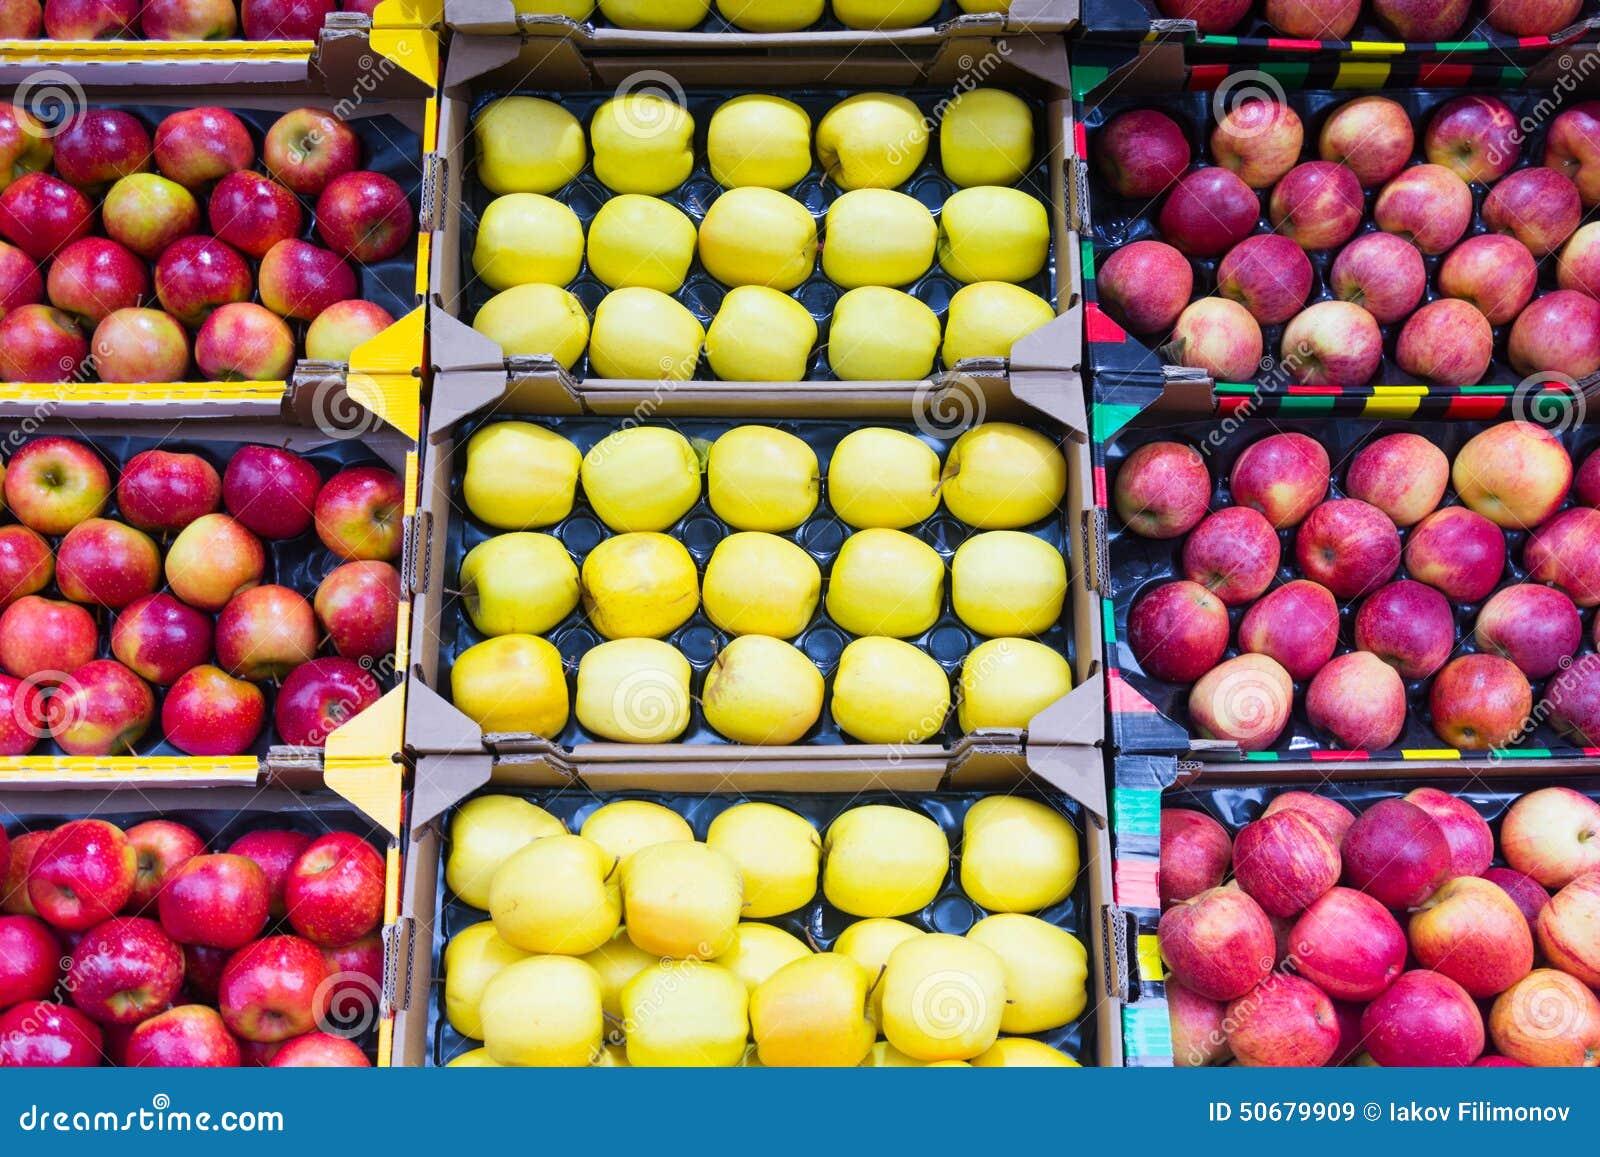 Download 多种苹果 库存图片. 图片 包括有 普通, 有机, 自然, 成熟, 红色, 食物, 产物, 饮食, 健康 - 50679909